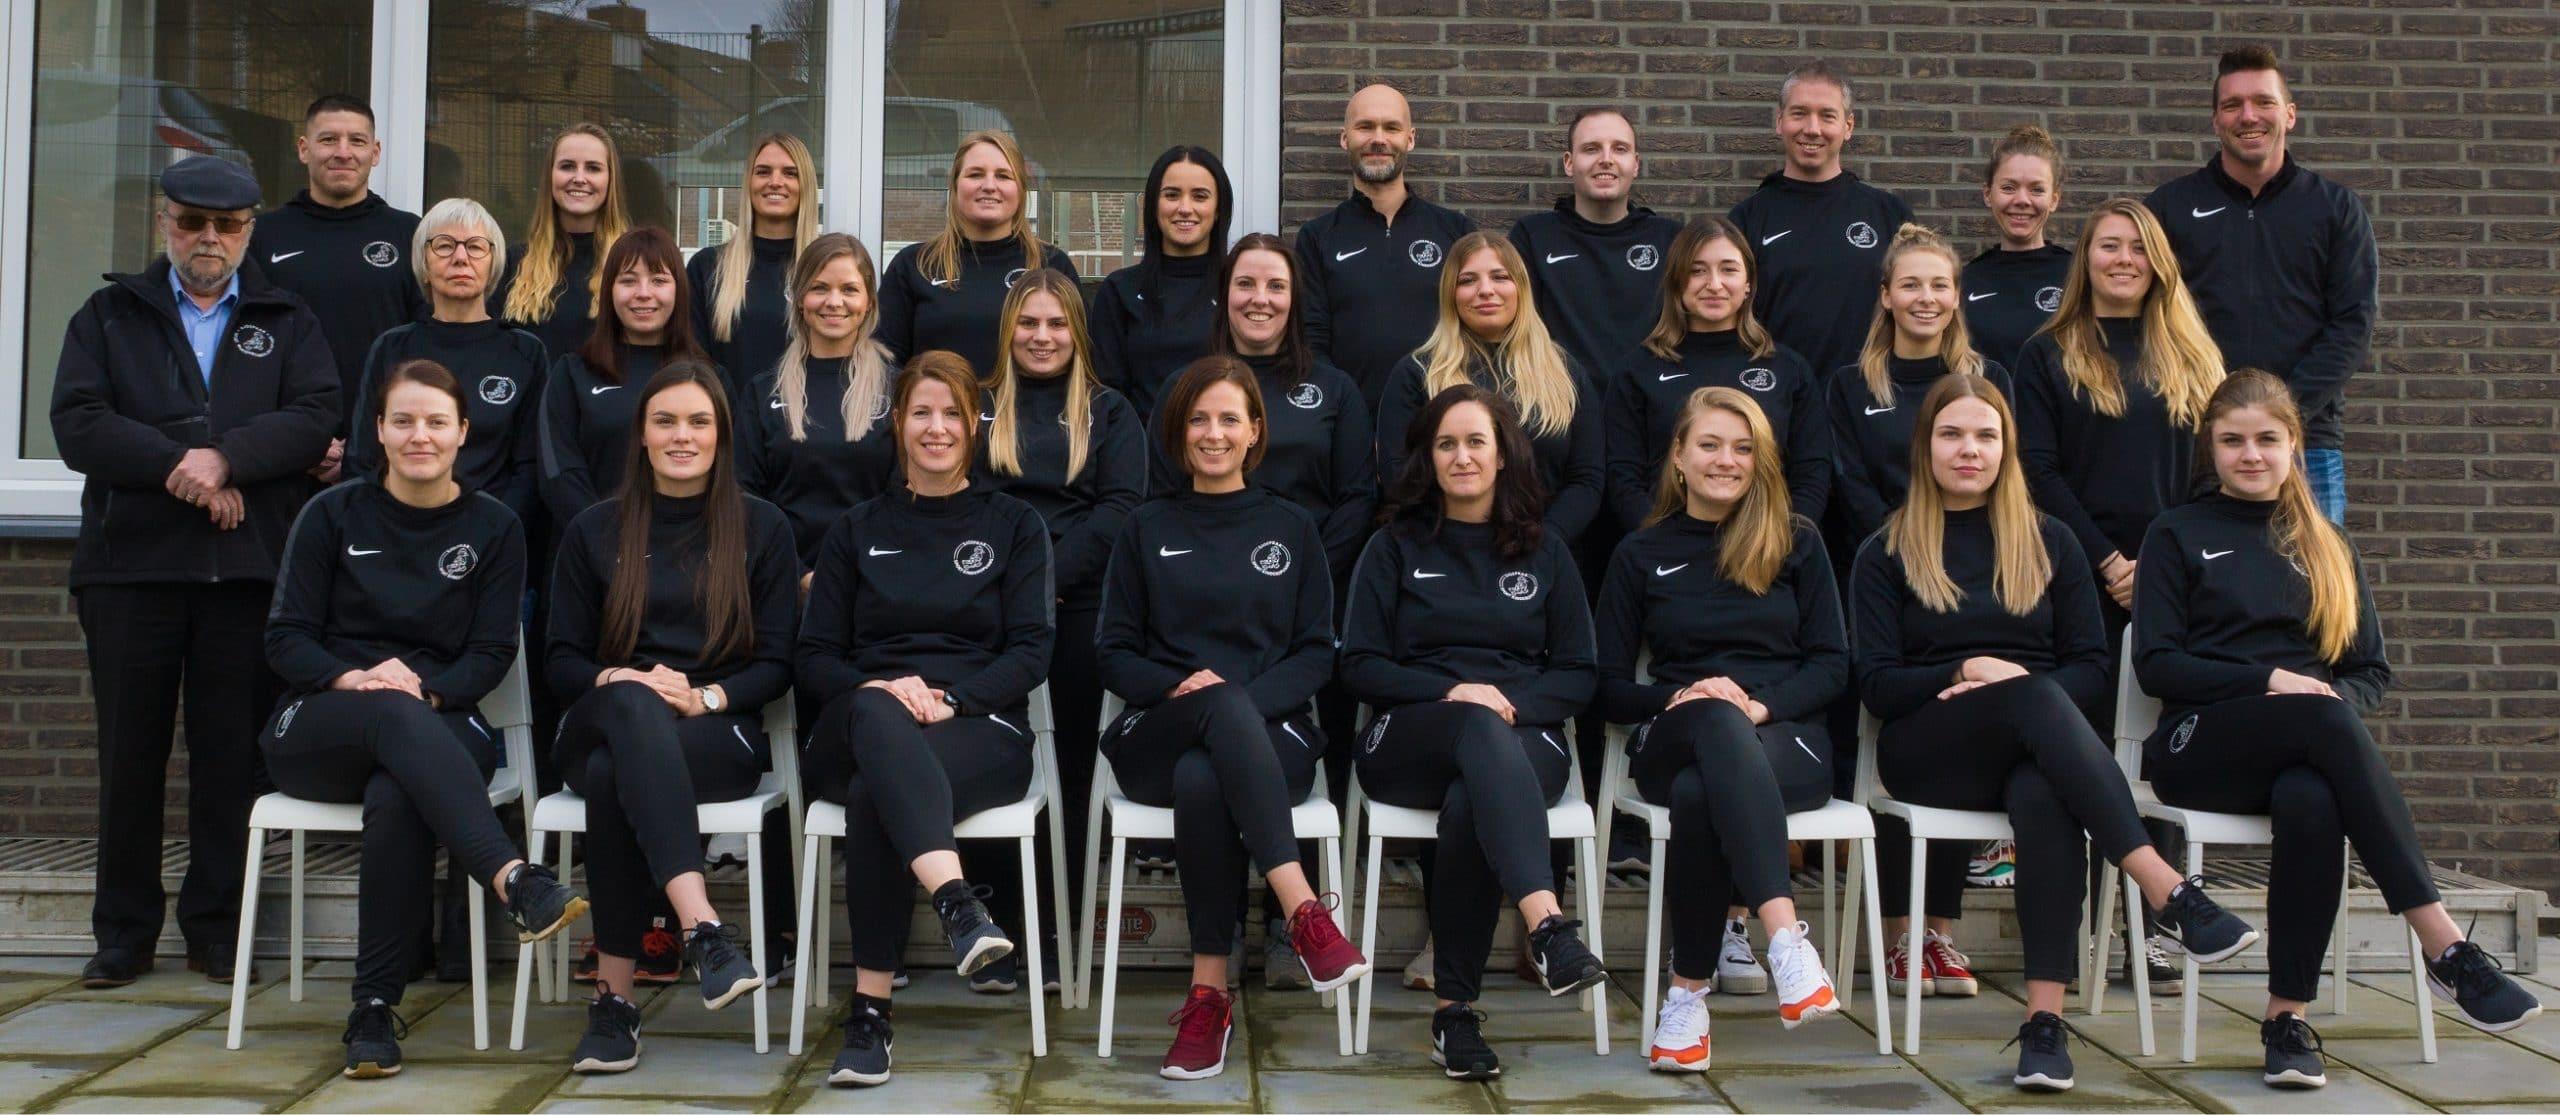 Teamfoto Sjoepkar Sportopvang BSO KDV